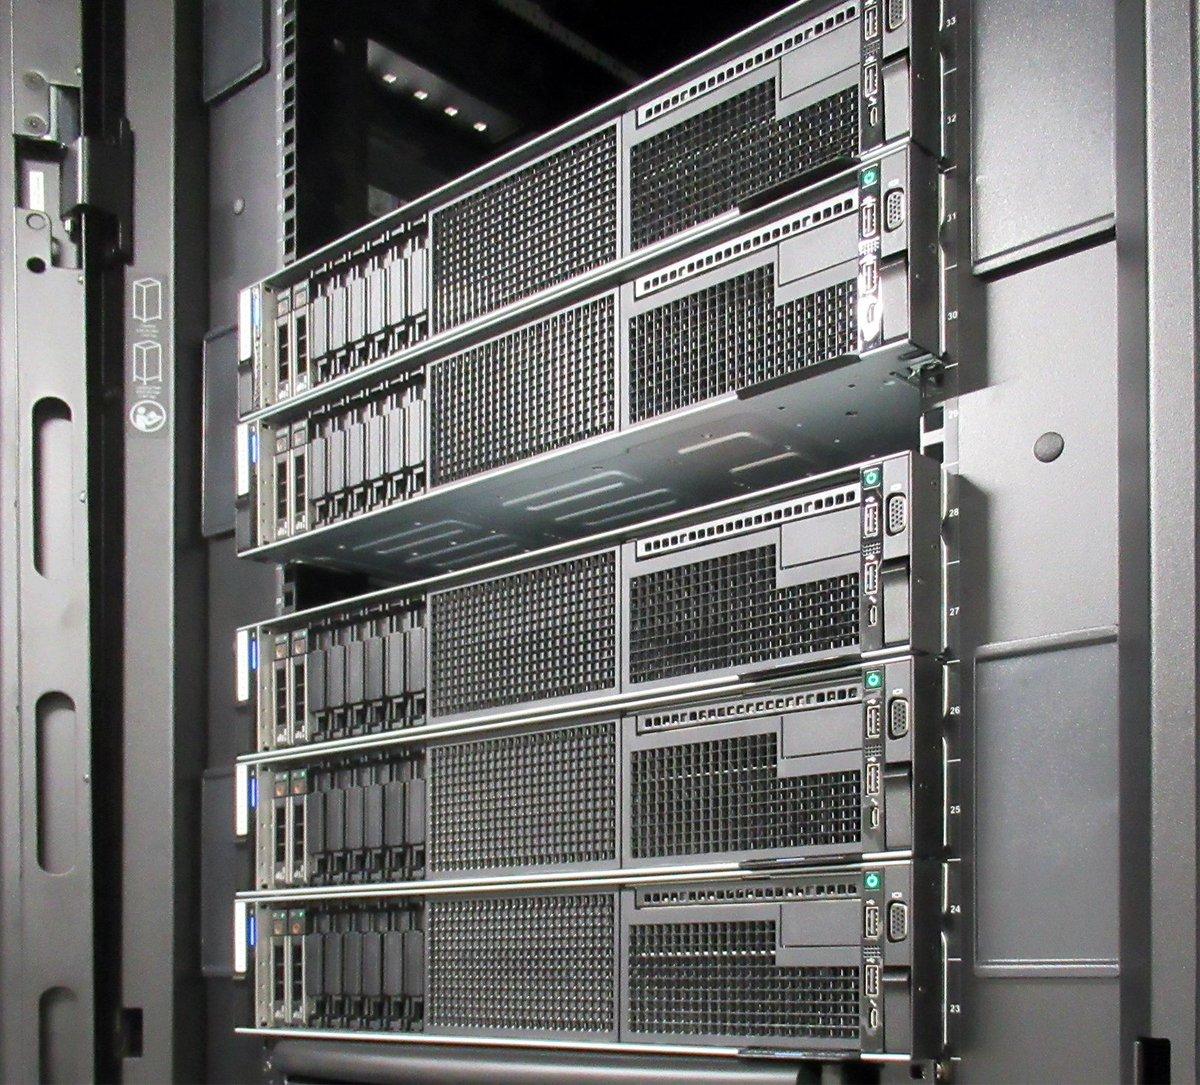 CPUの高速化に伴い、大容量メモリ搭載サーバーによる大規模シミュレーションの需要も増大しています。Intel Optane DC パーシステント・メモリー・モジュールの利用等、大容量メモリを構成するための手法が増えた現在の状況を整理しました。  大容量メモリ構成選定ガイド http://bit.ly/2PyfEFK